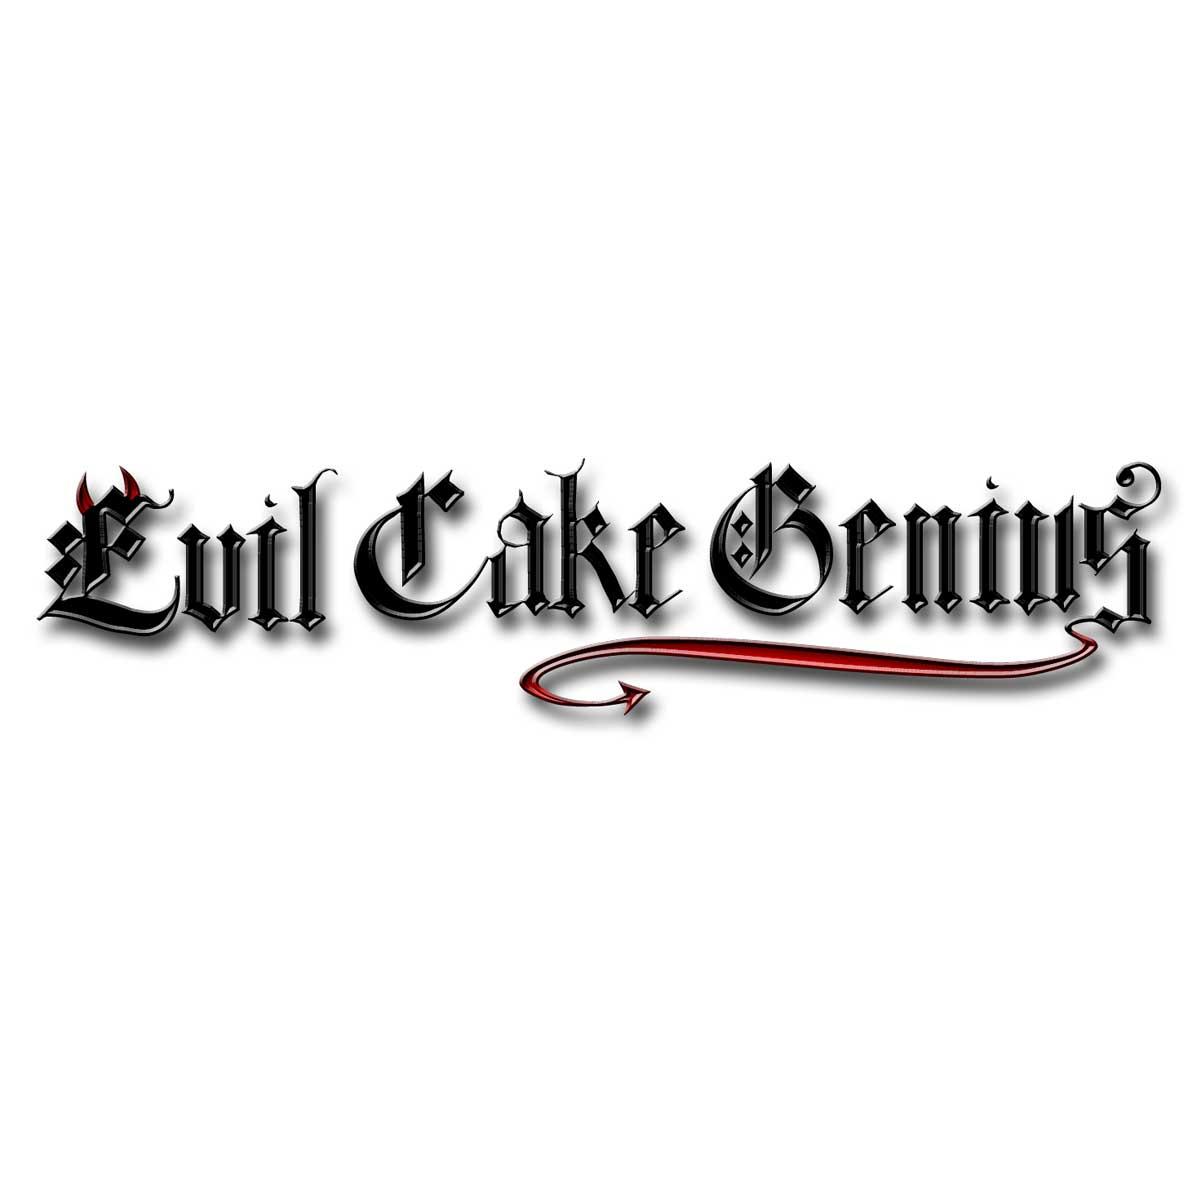 Smash Cake Mallet